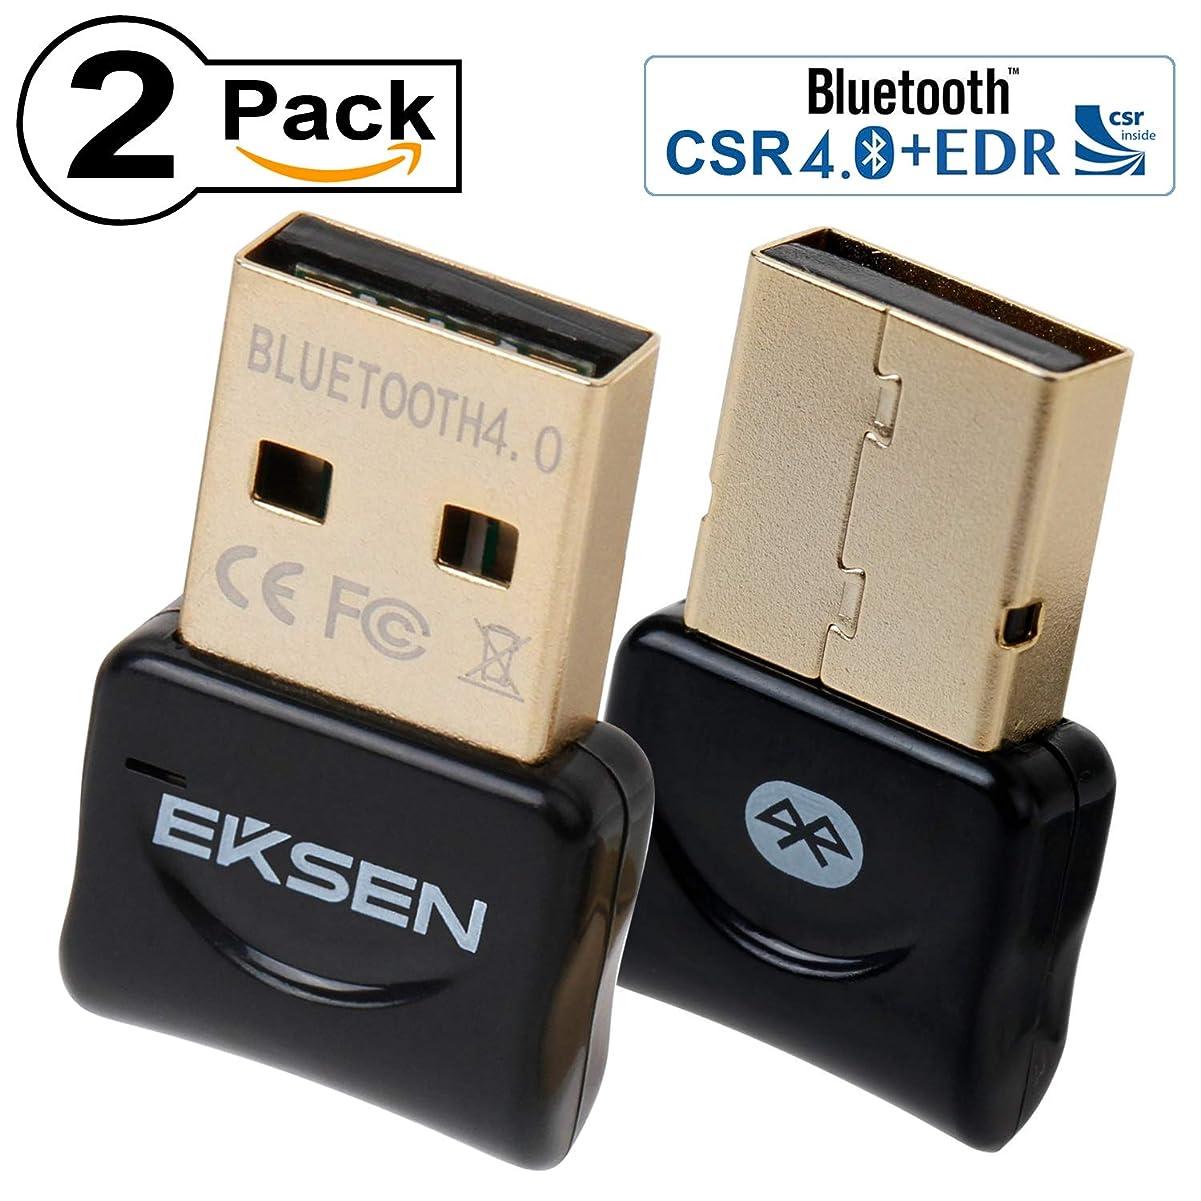 療法リングアンペアEKSEN Bluetoothドングルアダプター Bluetooth 4.0 USBドングルアダプター Bluetoothトランスミッター レシーバー対応 Windows 10 8 7 Vista XP 32/64ビットノートパソコン対応 Bluetoothスピーカー ヘッドセット キーボード